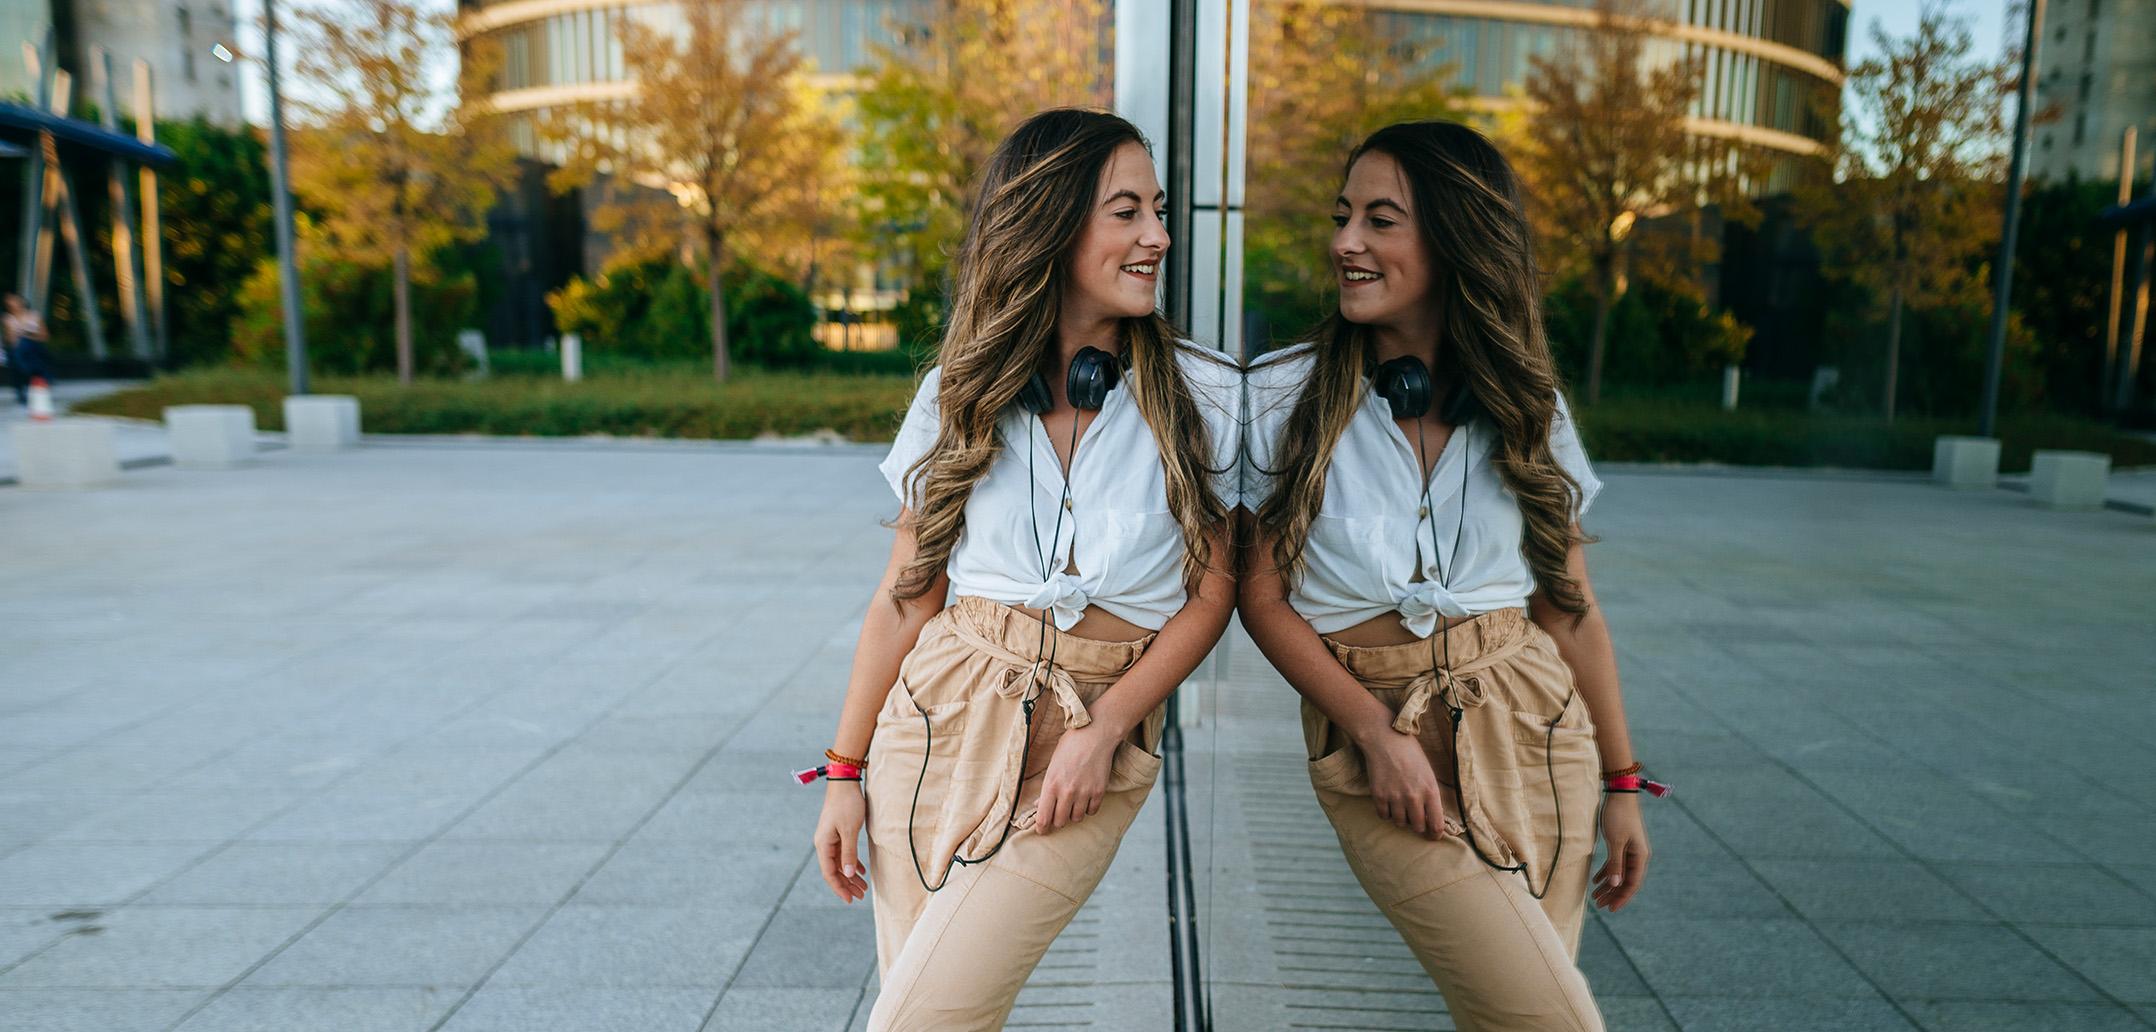 Frau betrachtet glücklich ihr Spiegelbild in einem Fenster